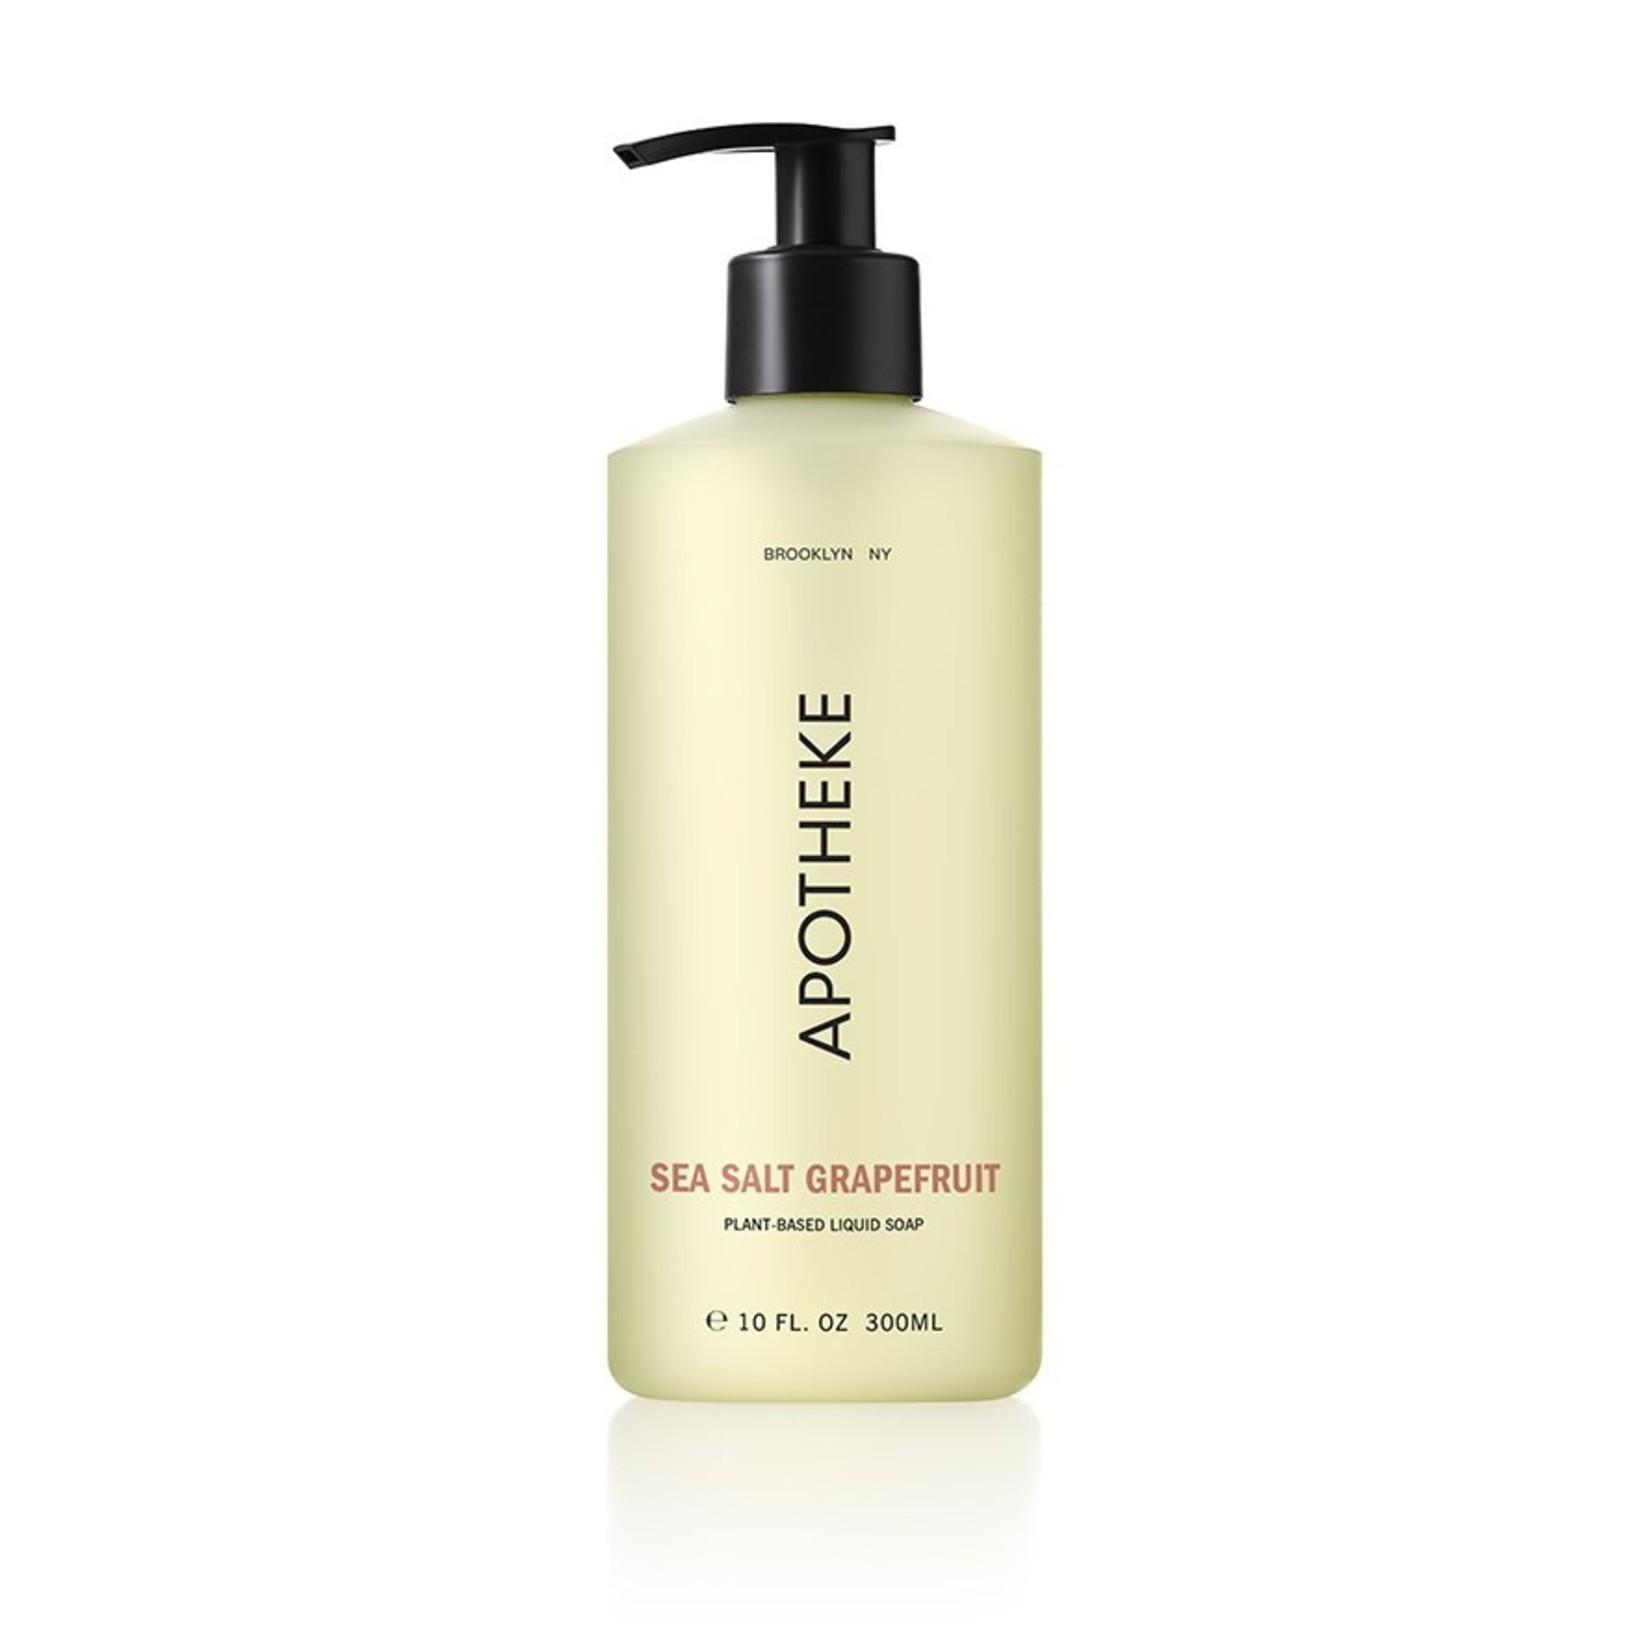 Apotheke Sea Salt Grapefruit Liquid Soap